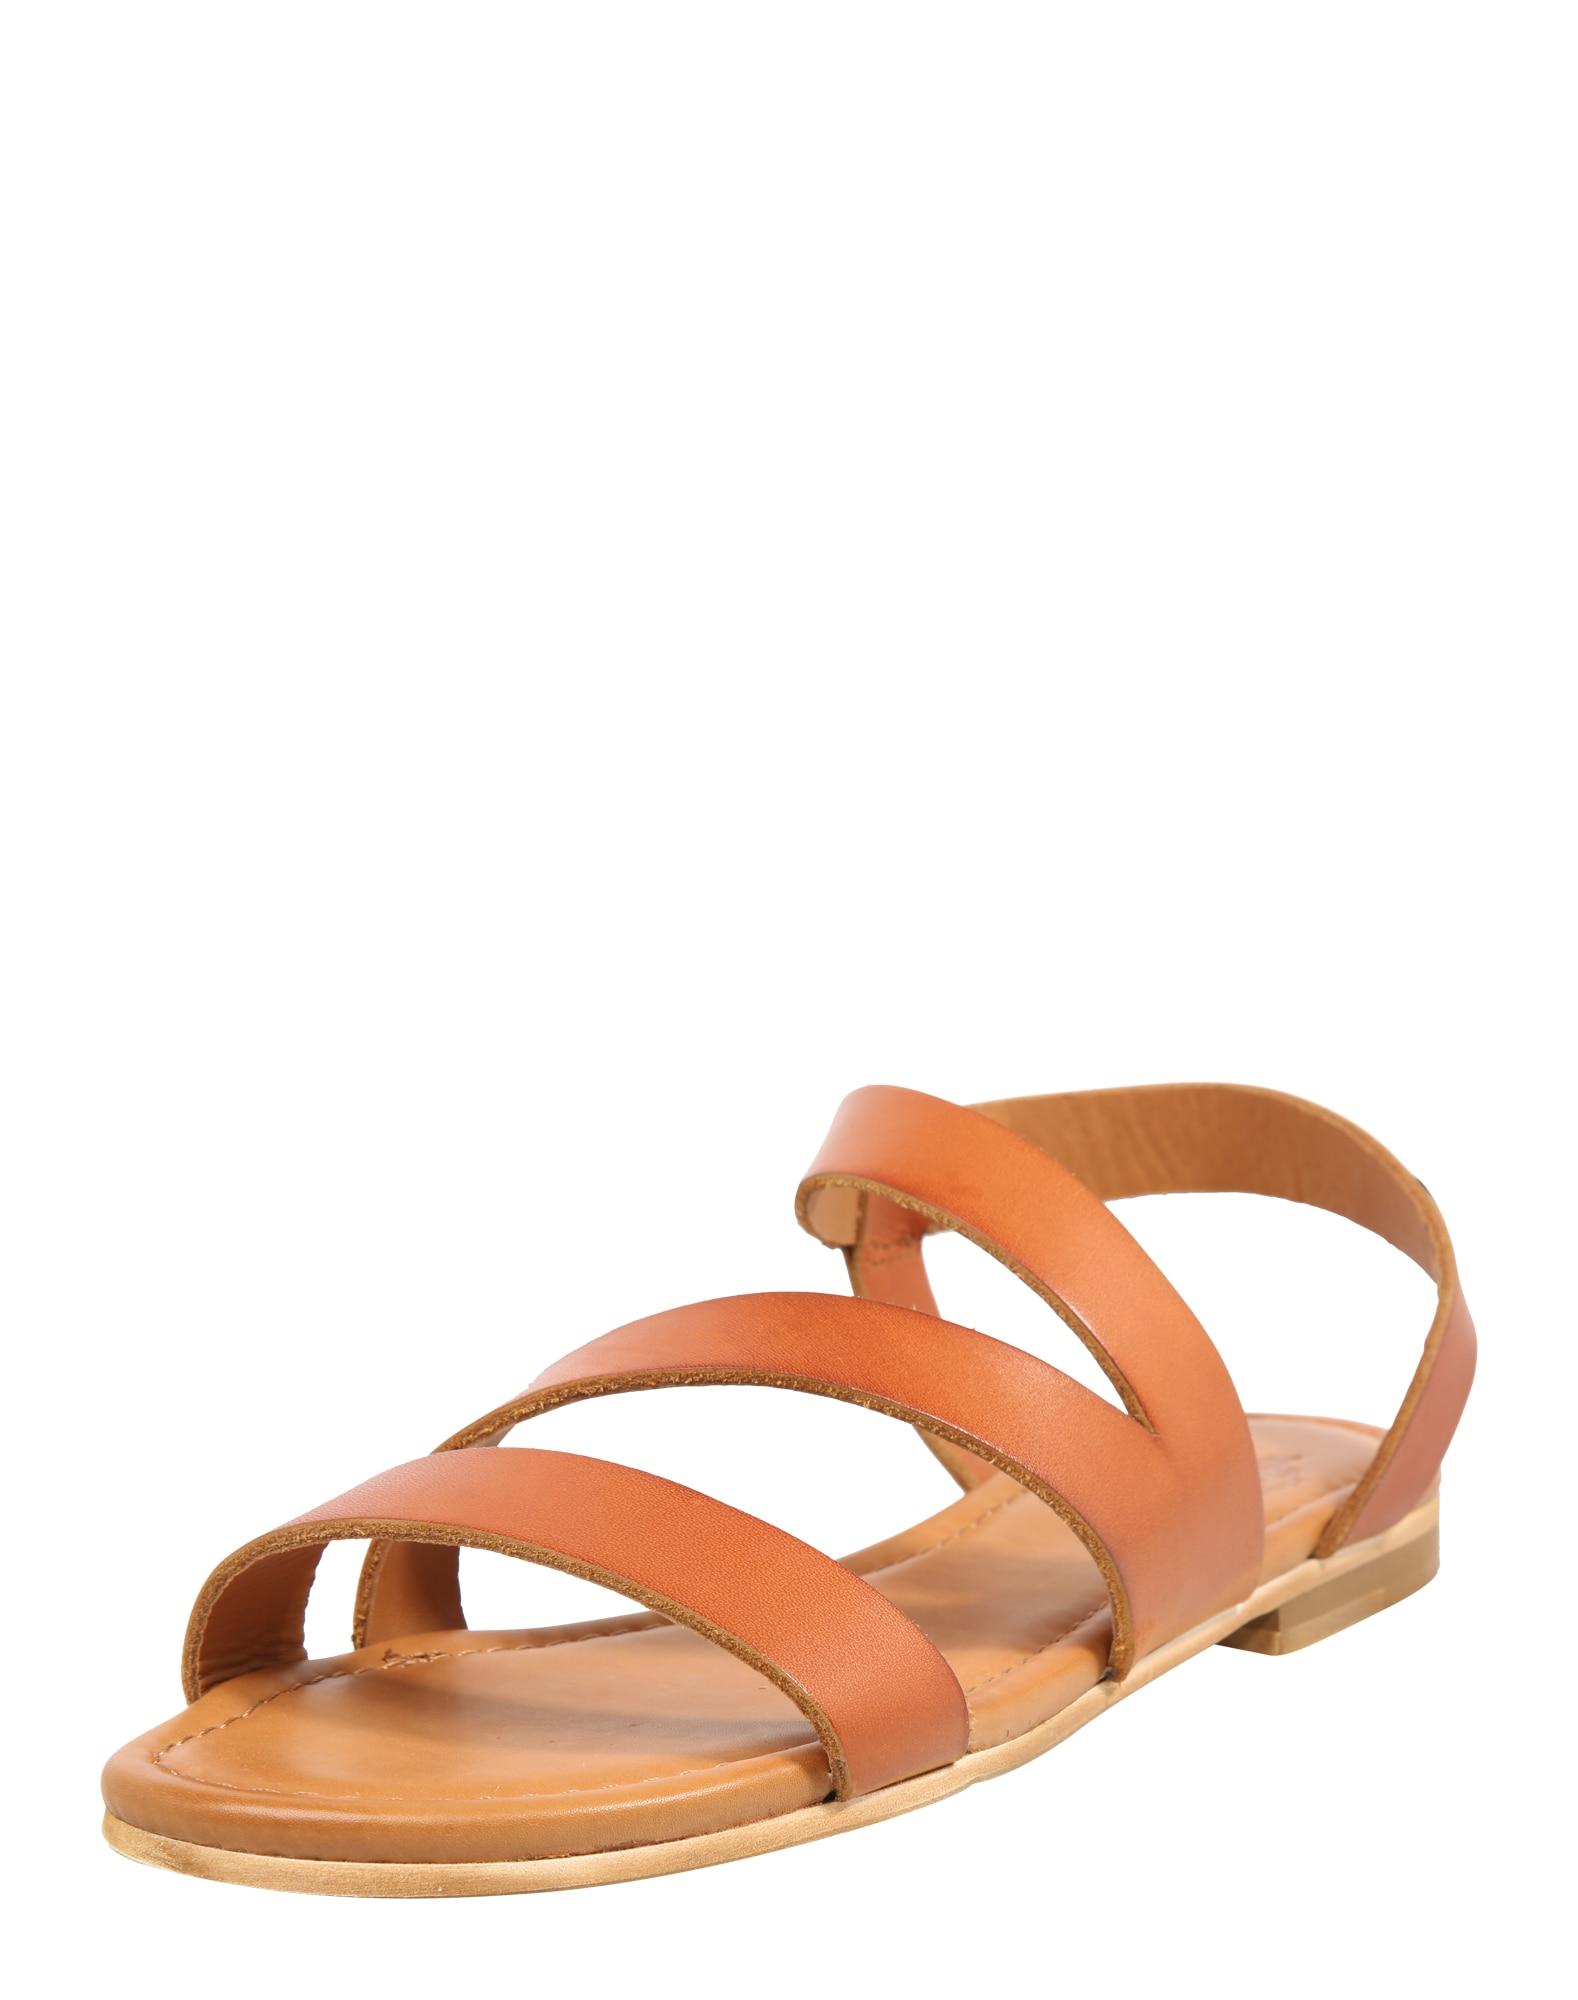 Páskové sandály Lena koňaková Apple Of Eden